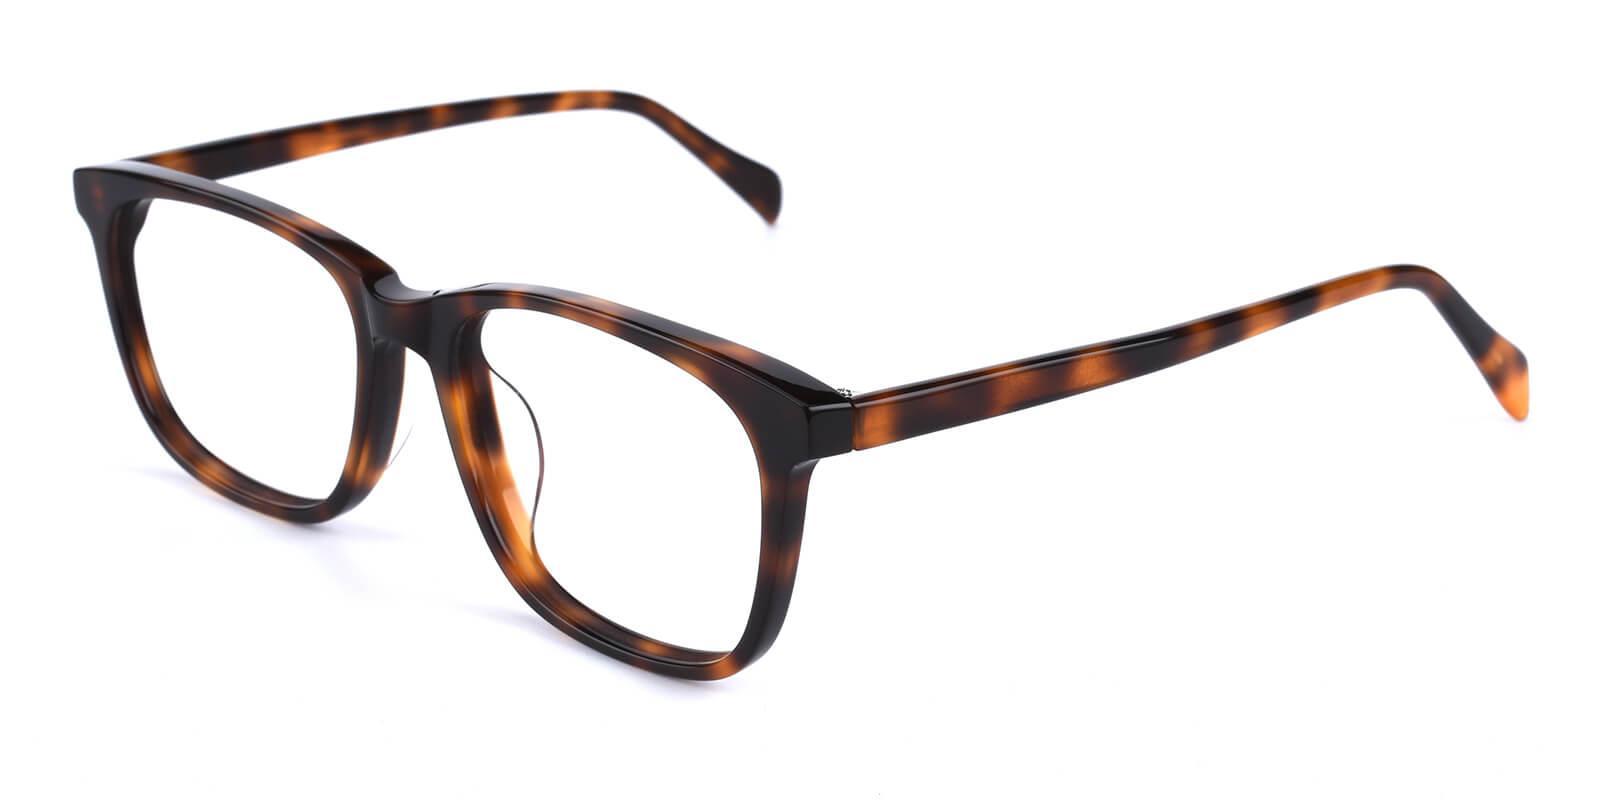 Bugger-Tortoise-Square-Acetate-Eyeglasses-detail